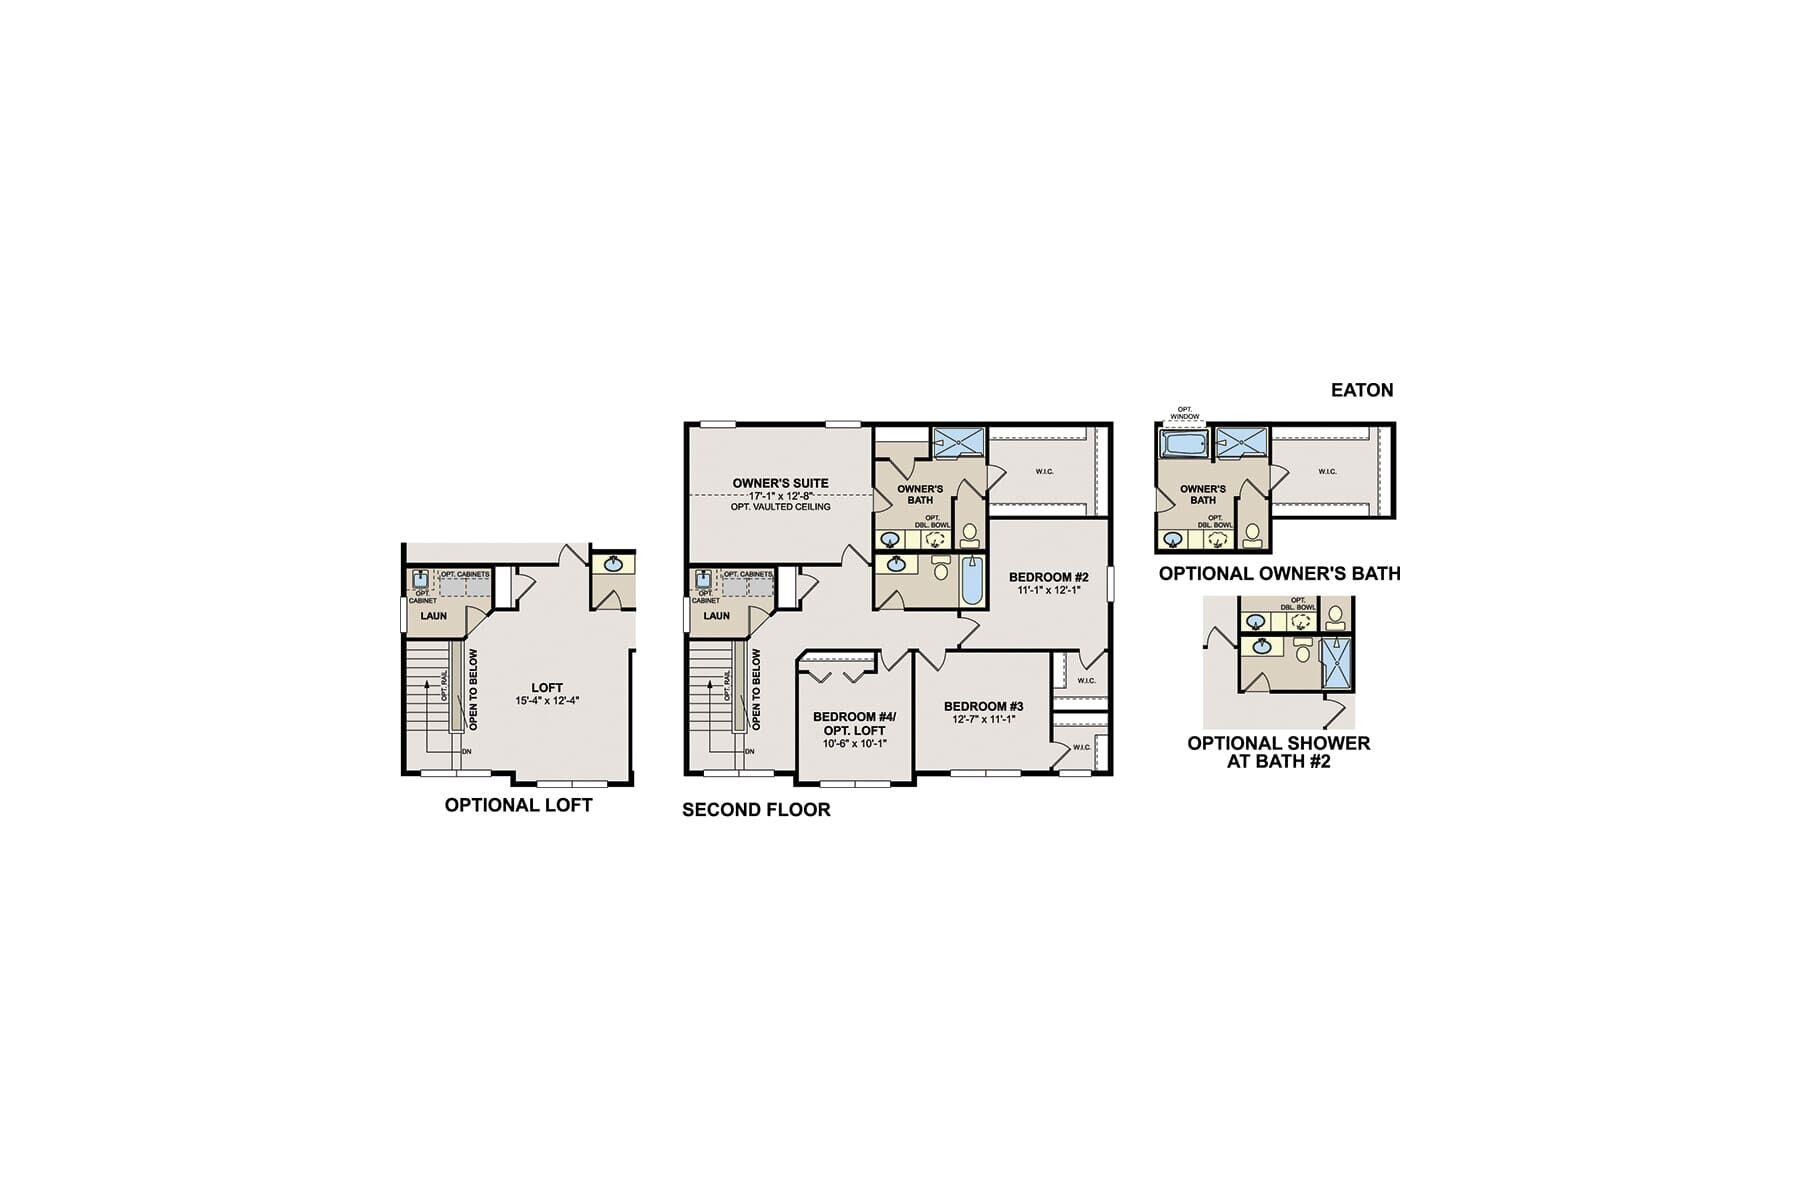 Eaton Second Floor